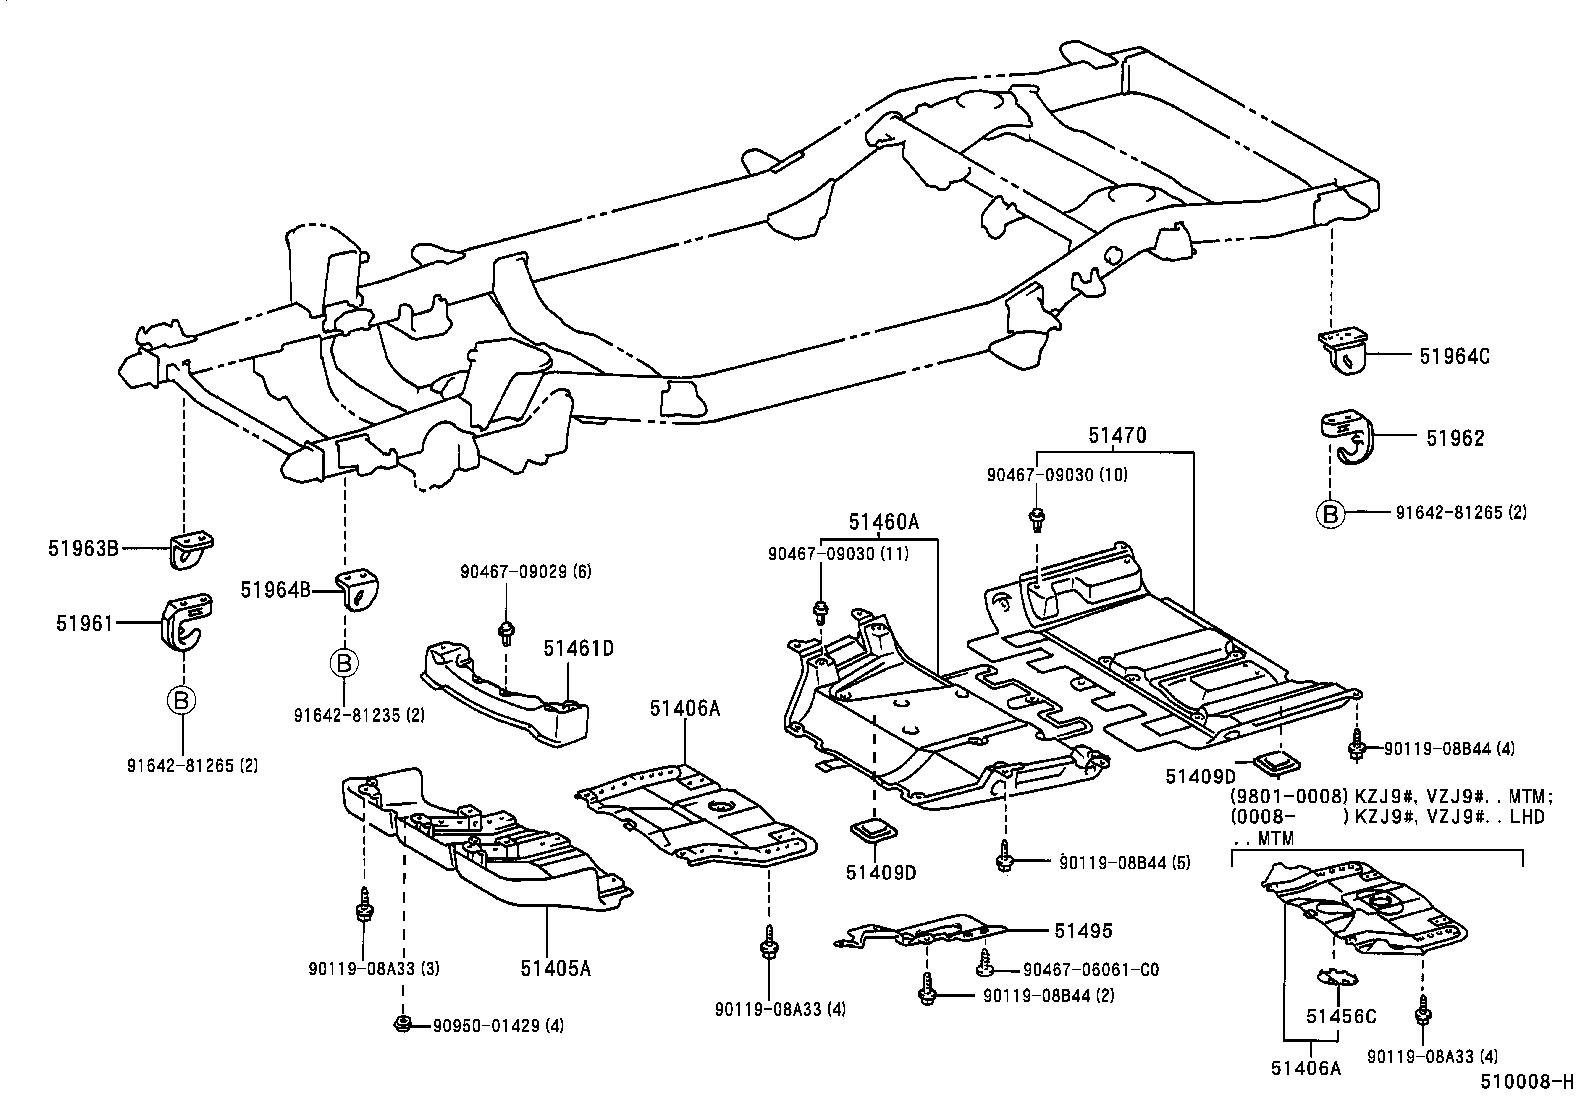 gator trailers wiring diagrams gator power steering